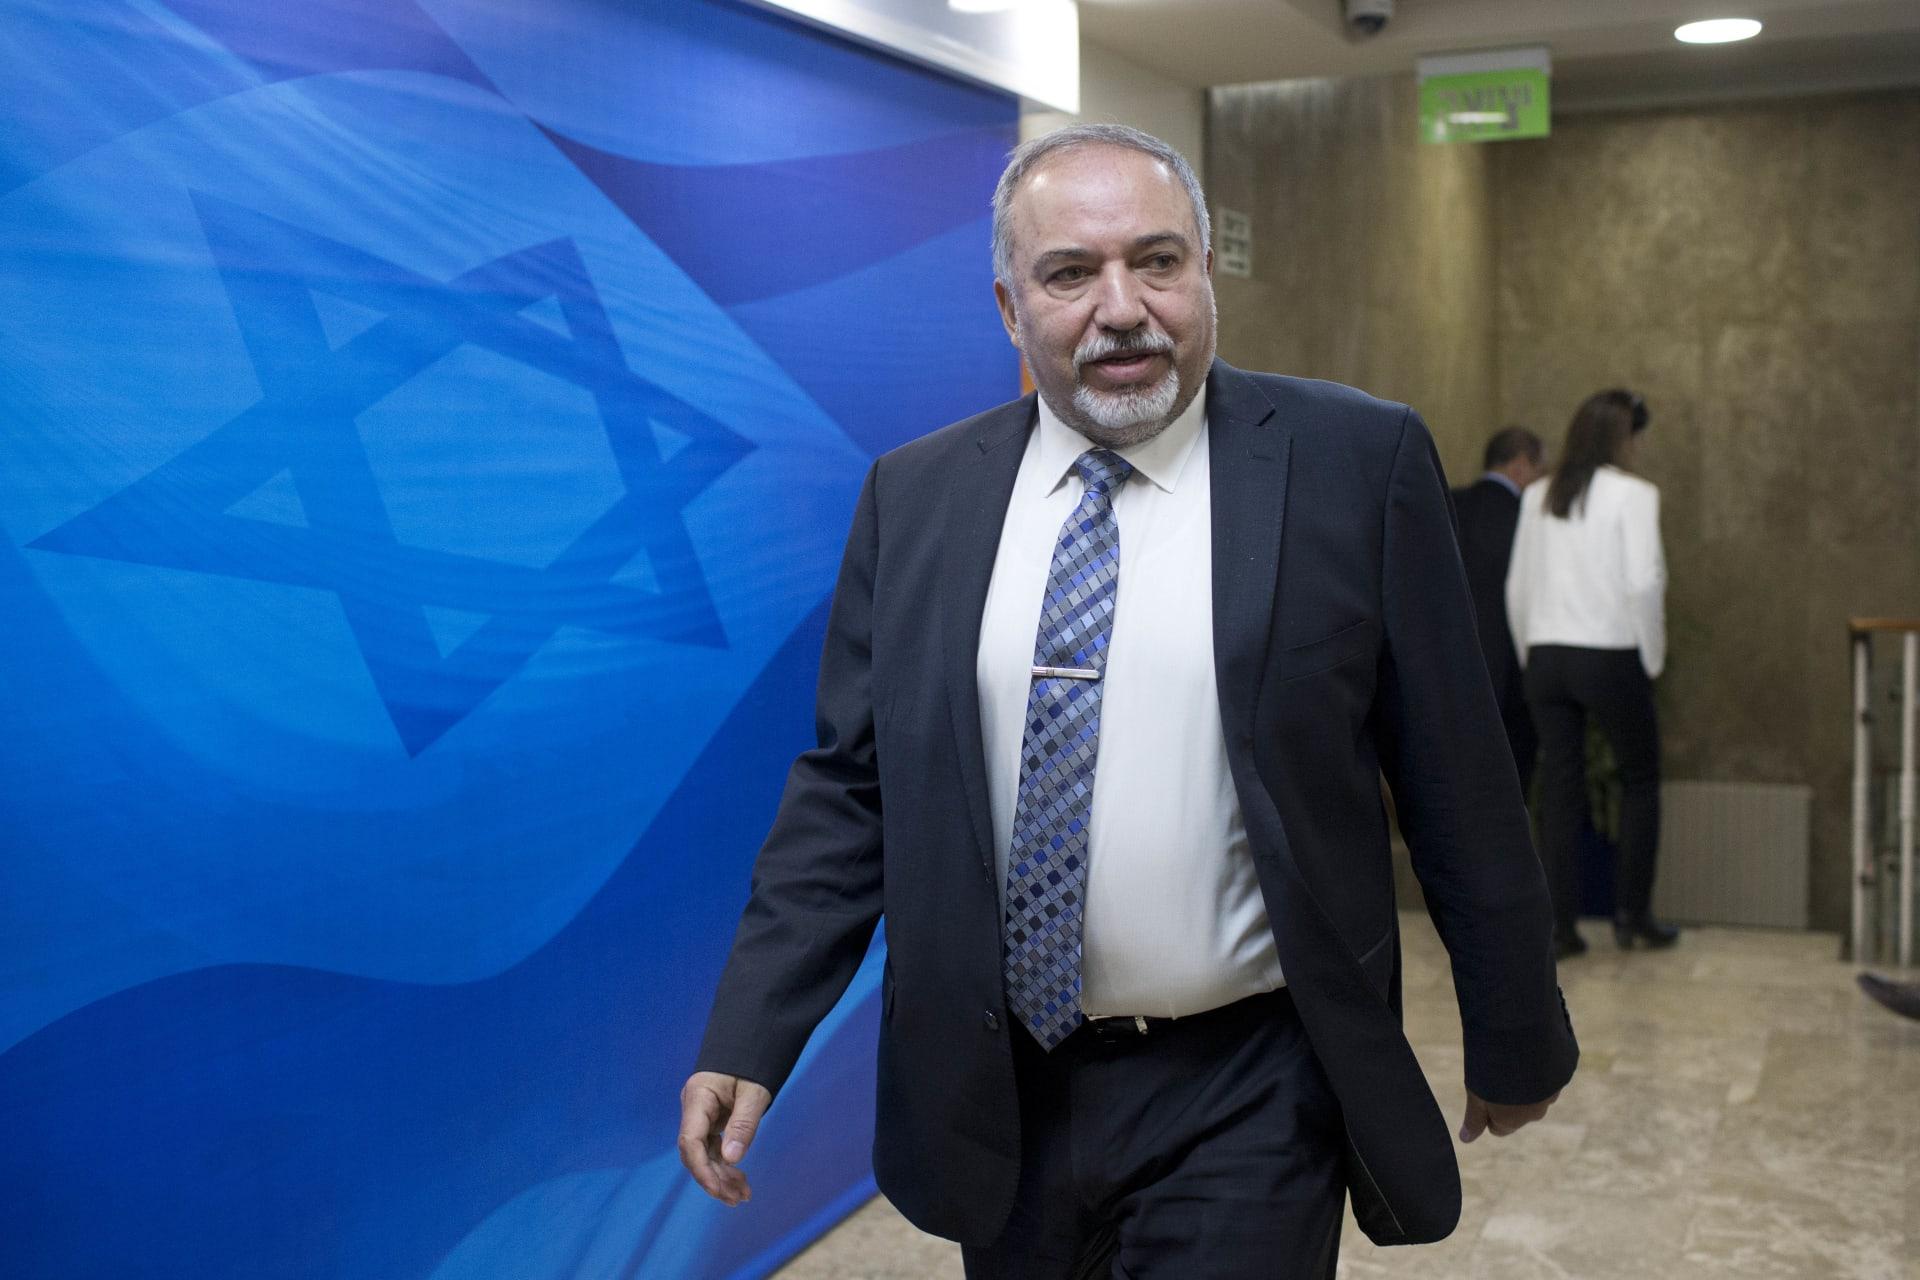 وزير دفاع إسرائيل: طهران تريد تقويض السعودية.. ولأول مرة تدرك الدول السنية أن أكبر تهديد أمني لها هو إيران وليس إسرائيل